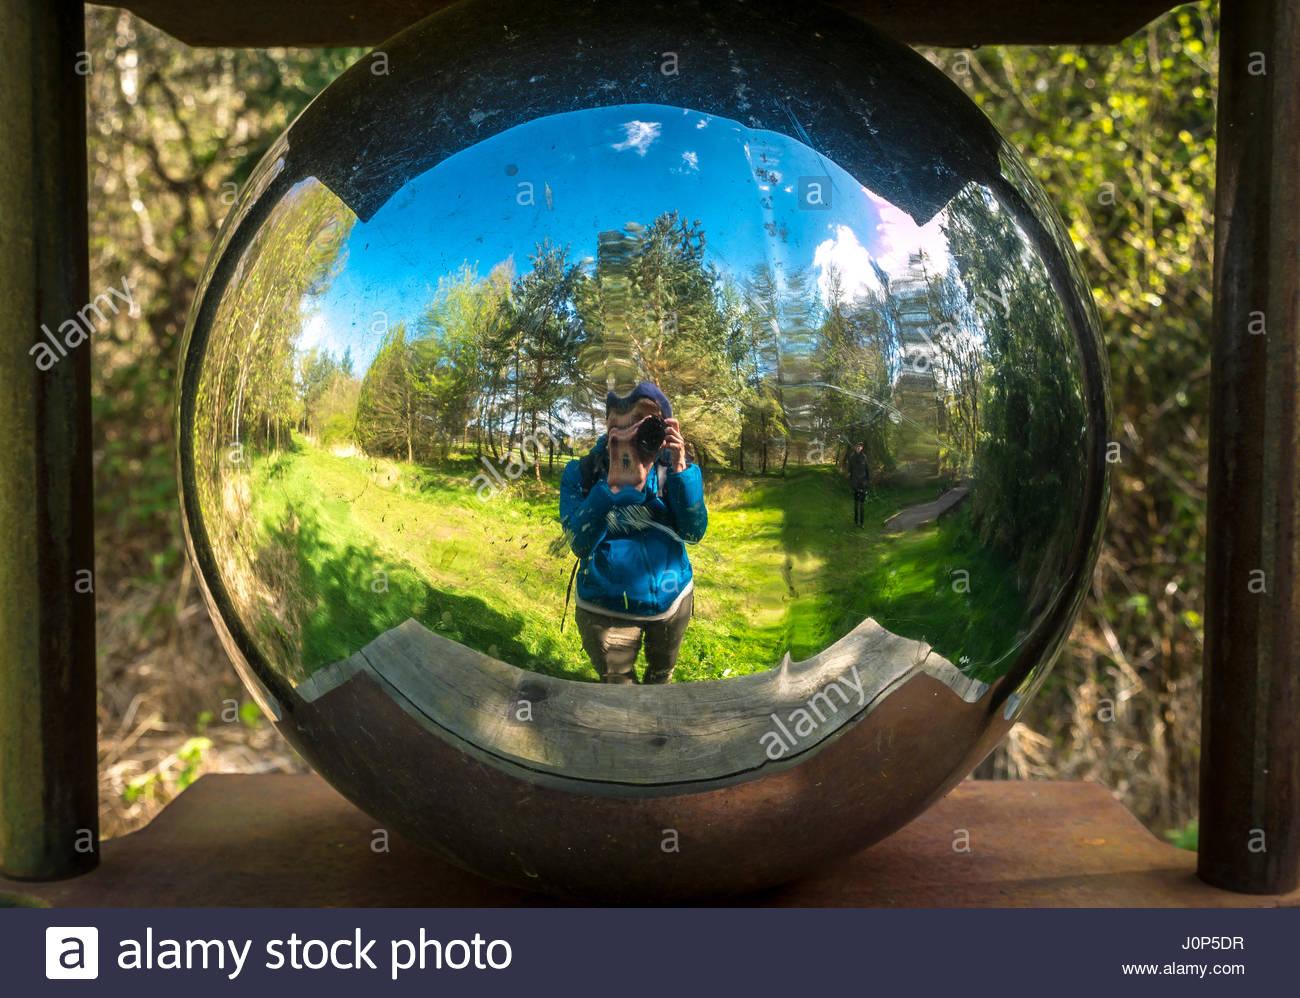 Globe sculpture stockfotos globe sculpture bilder alamy for Der spiegel spanien